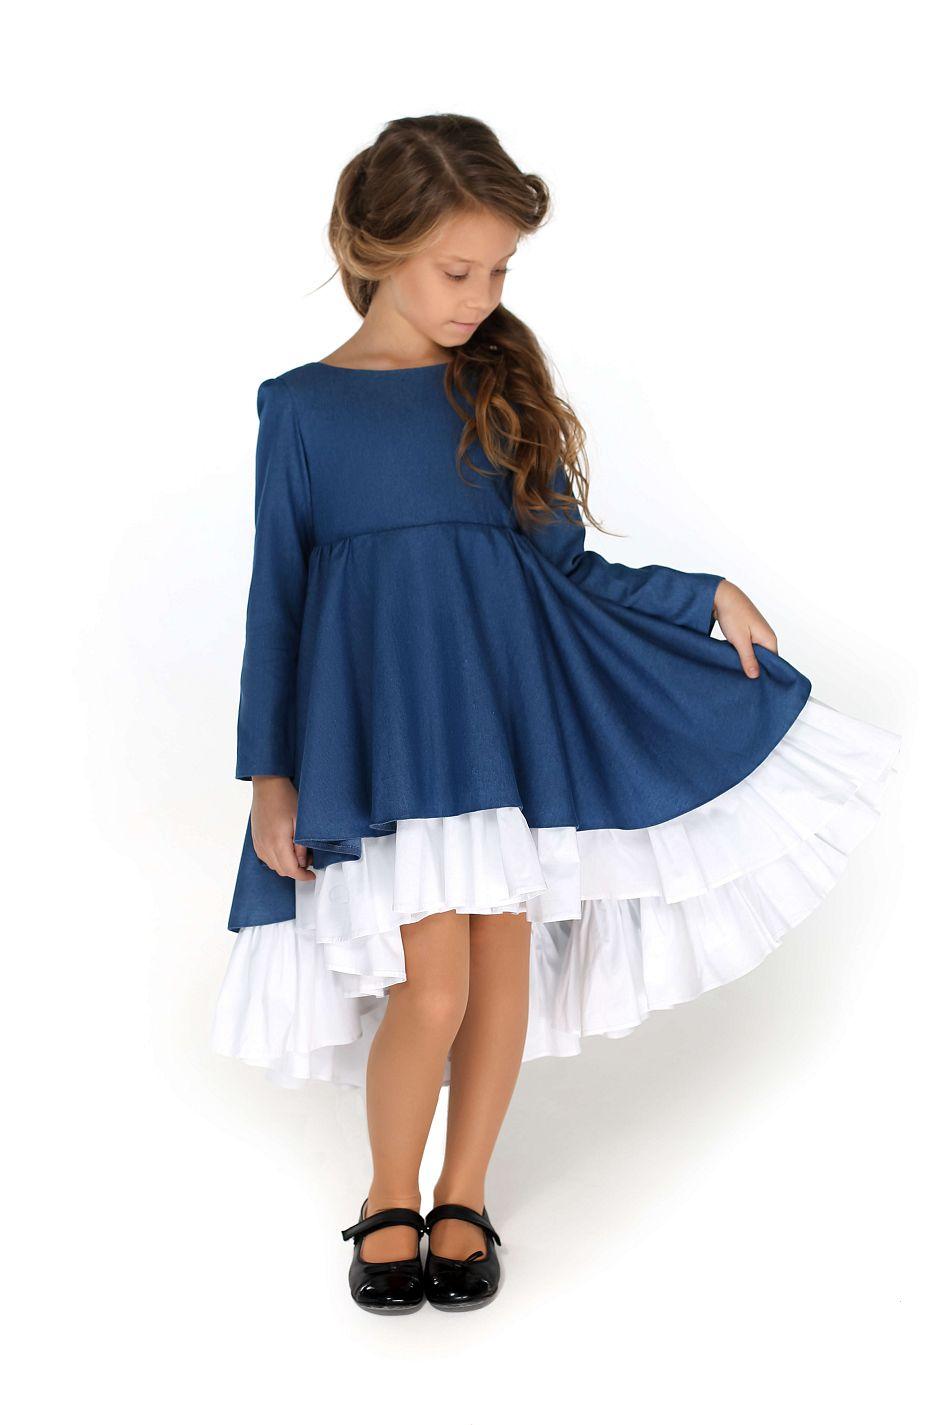 Красива шкільна сукня для дівчинки від Malyna